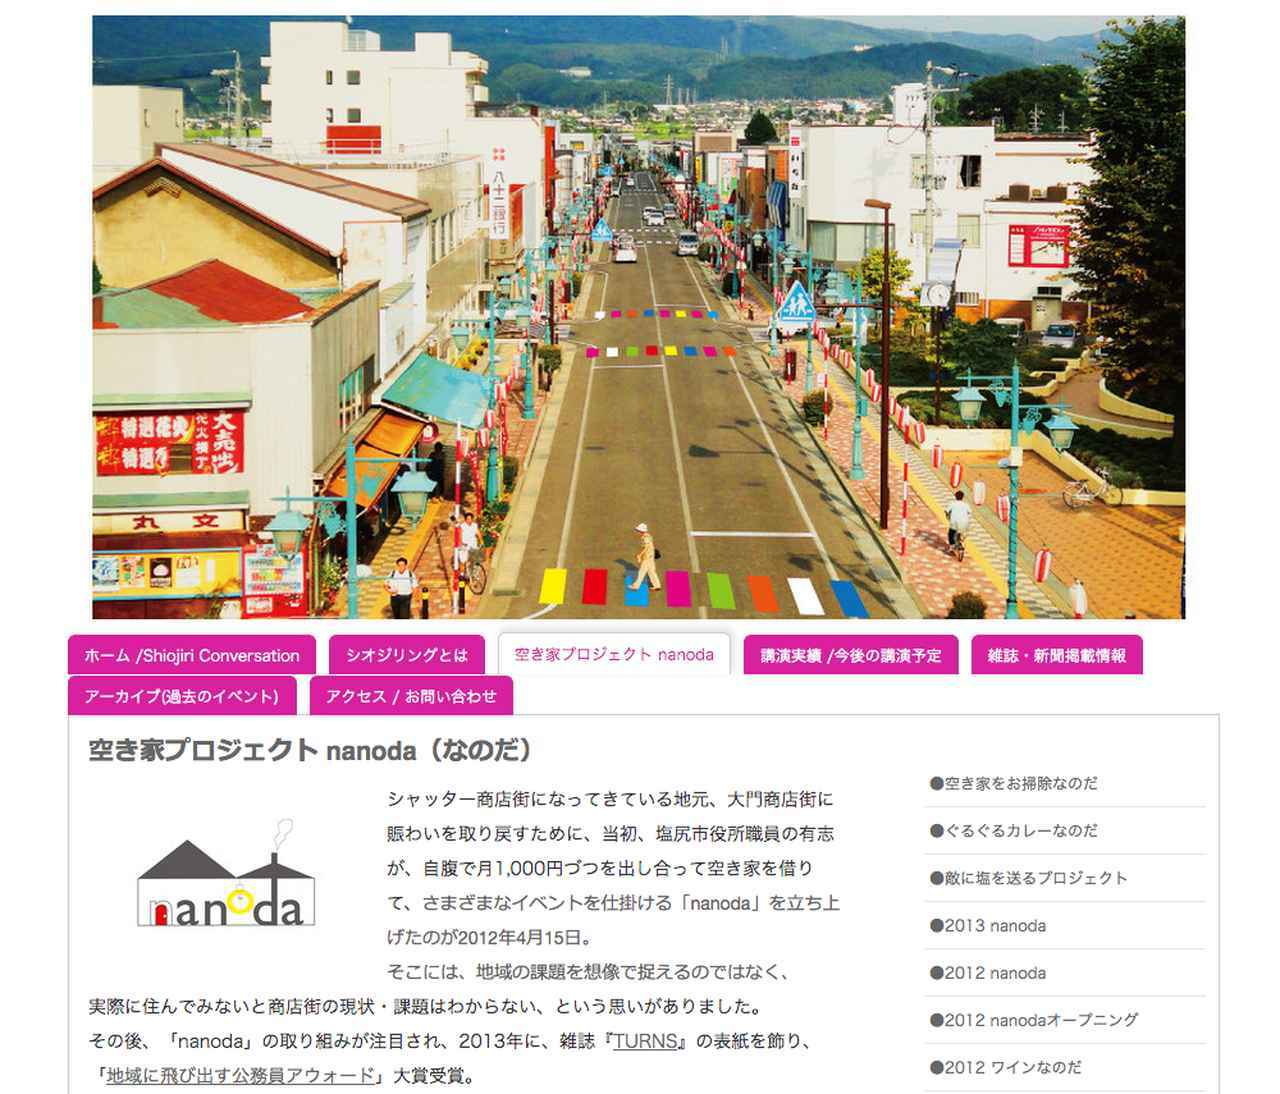 画像: 空き家プロジェクト「nanoda」の活動はすべてホームページで公開されている。